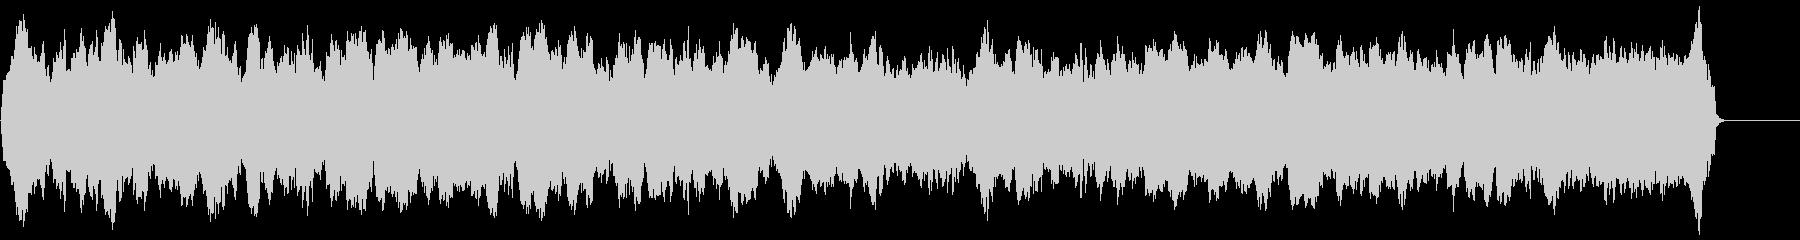 哀愁のある静かなオリジナル木管三重奏の未再生の波形